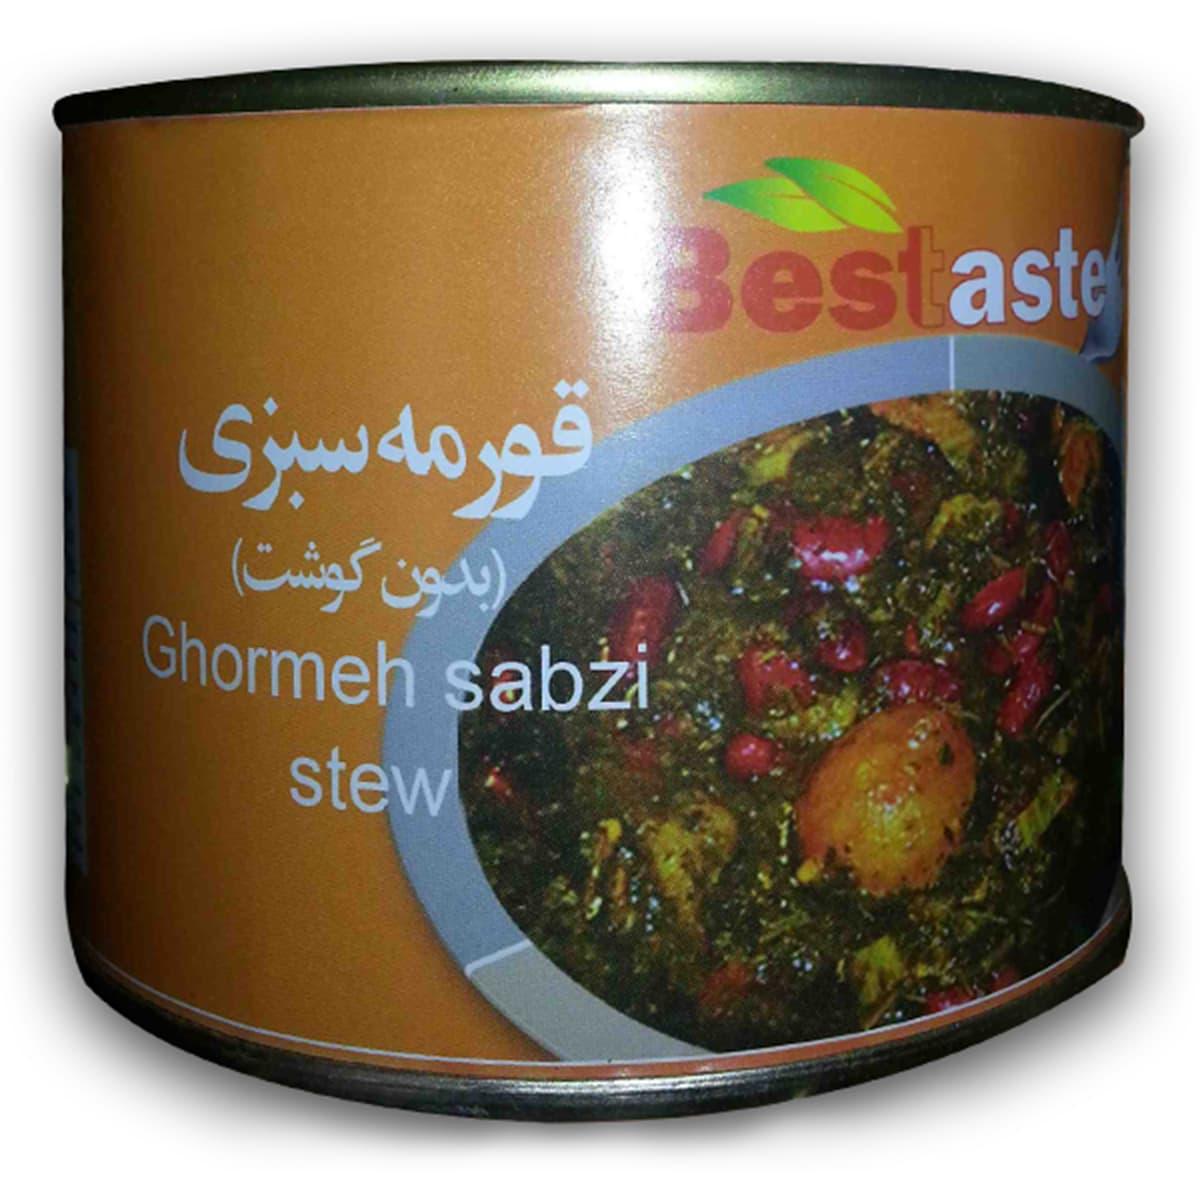 Buy Bestaste Ghormeh Sabzi Stew - 450 gm